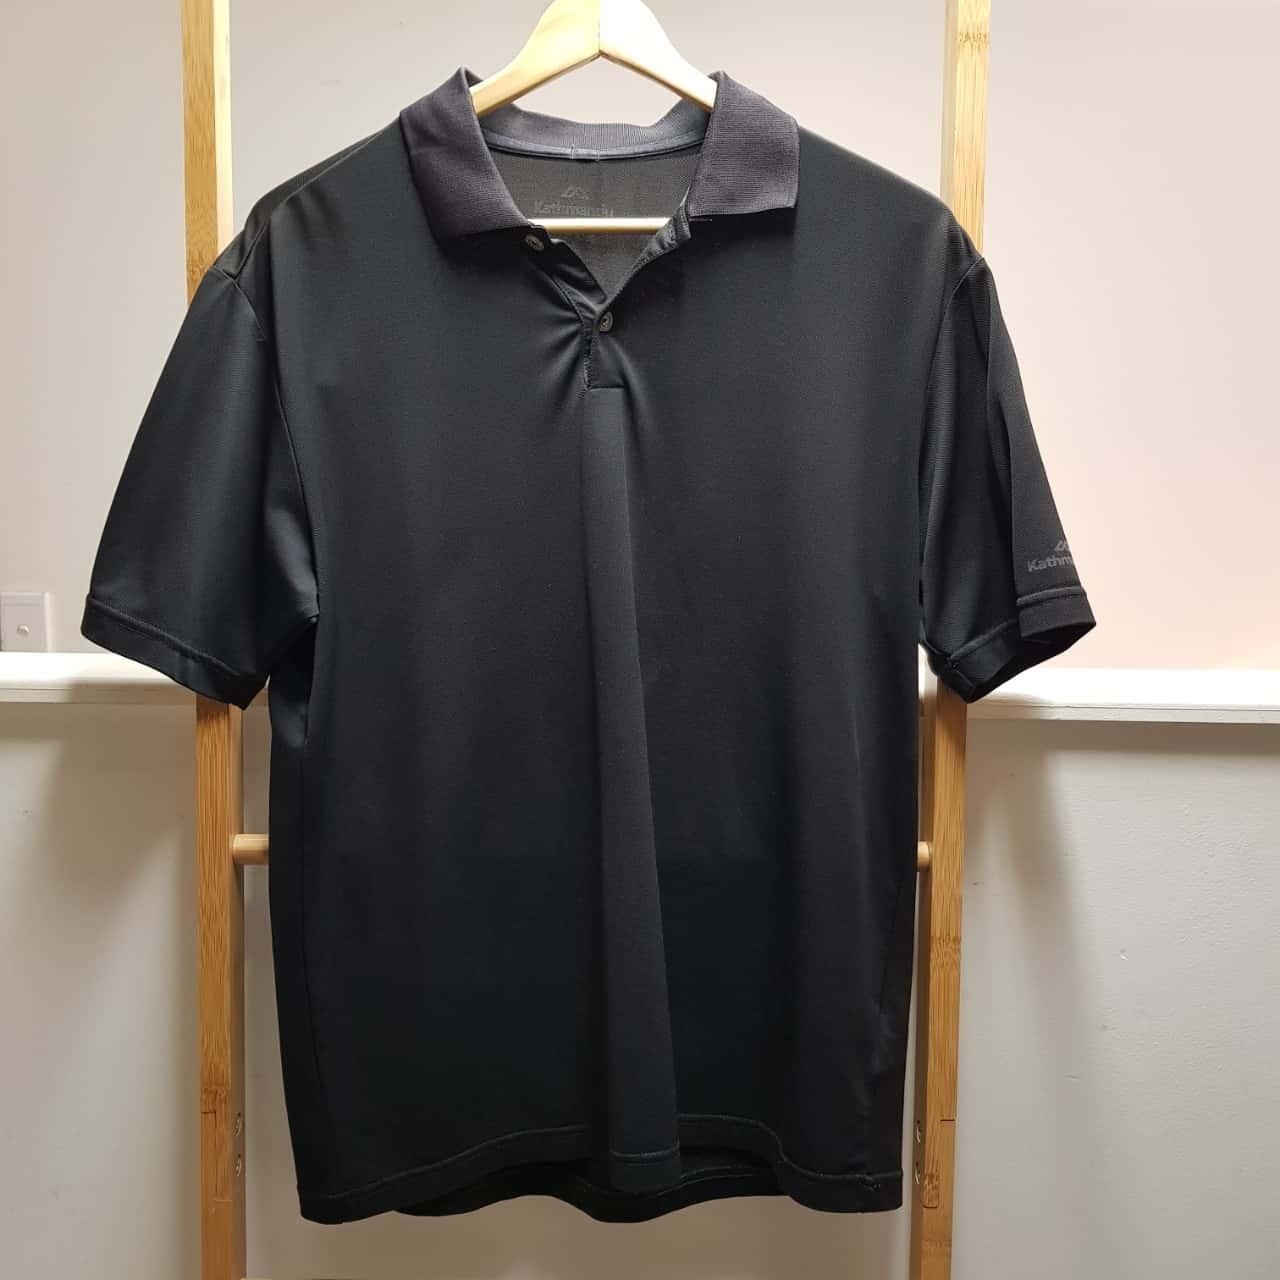 Kathmandu Mens Short Sleeve Shirt Black Size M